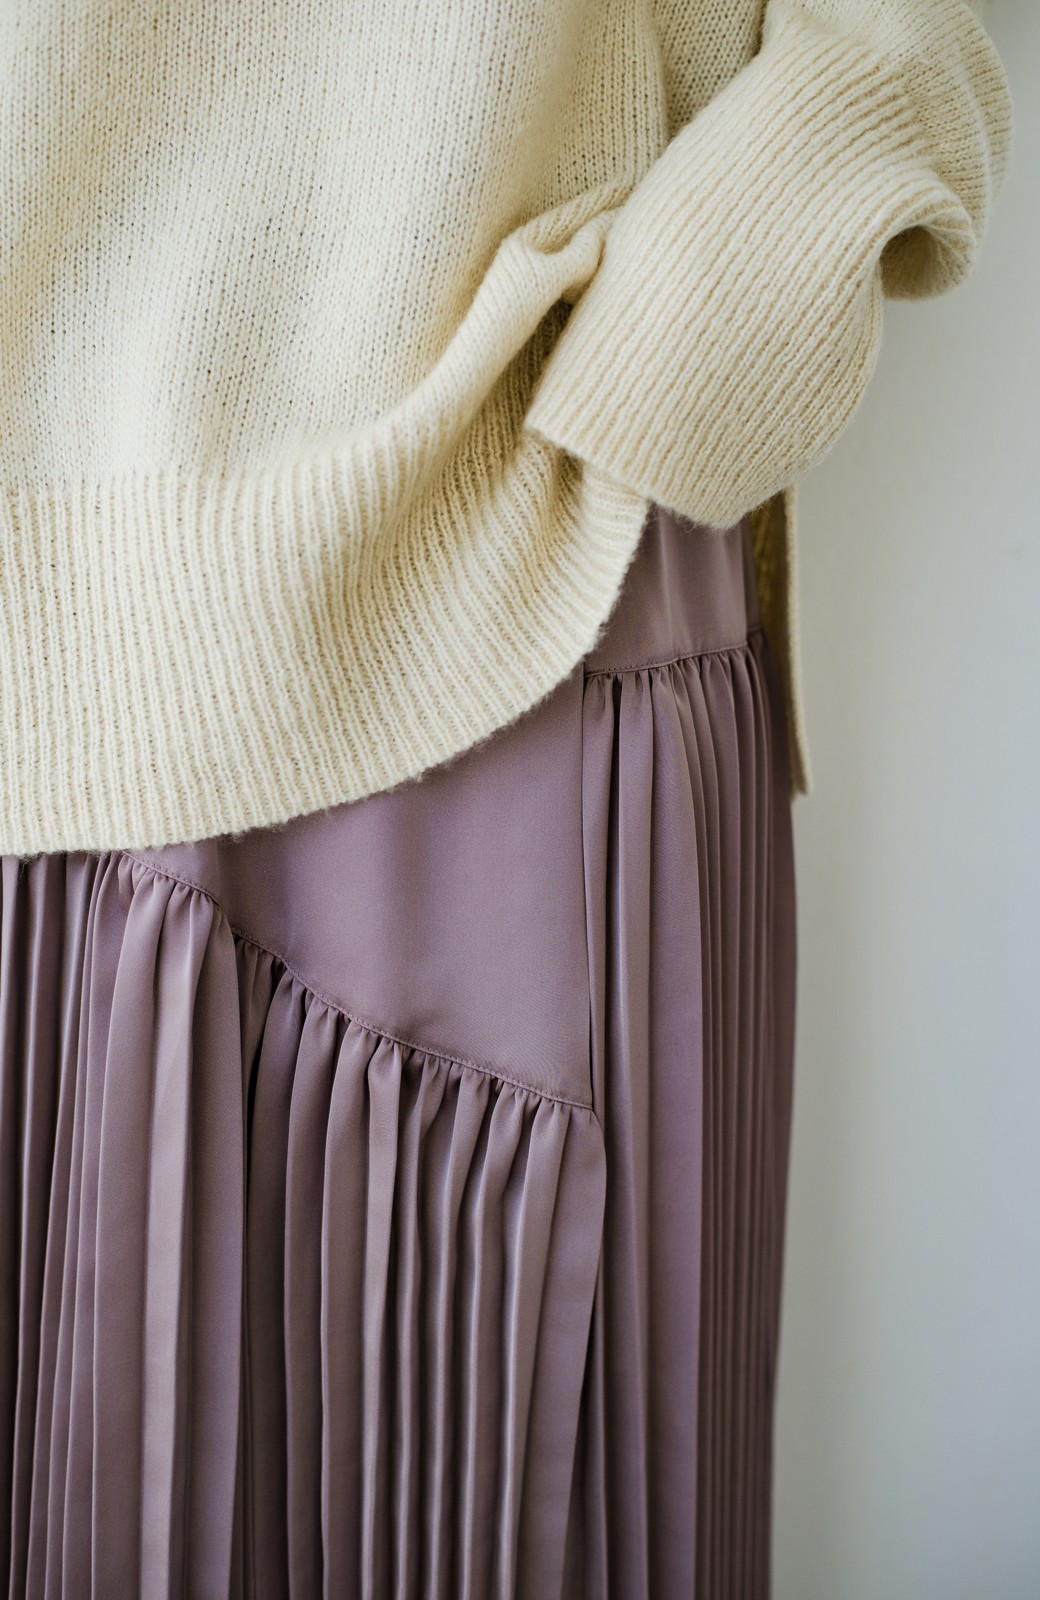 haco! 【スザンヌさんコラボ】スウェットもTシャツも着映えさせる!ラップデザイン風アシンメトリーサテンプリーツスカート by LOVE&PEACE PROJECT <スモークピンク>の商品写真20